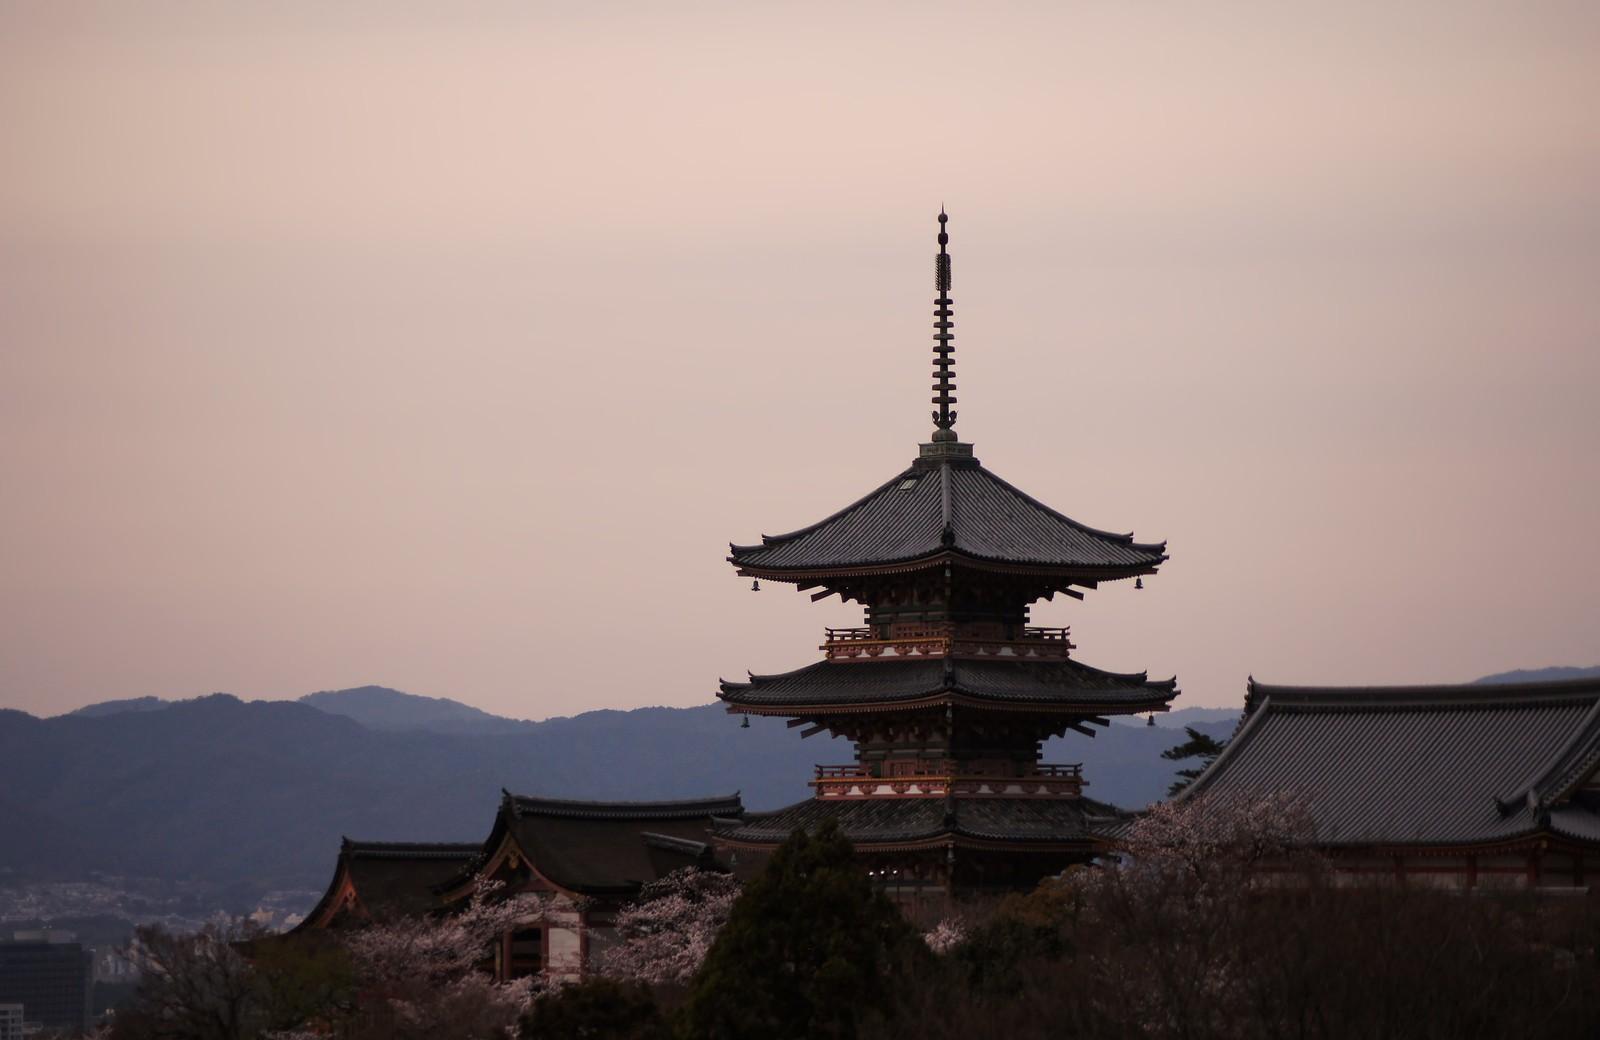 京都で刀剣乱舞の聖地巡礼!ゆかりの寺院・神社や御朱印についても紹介!